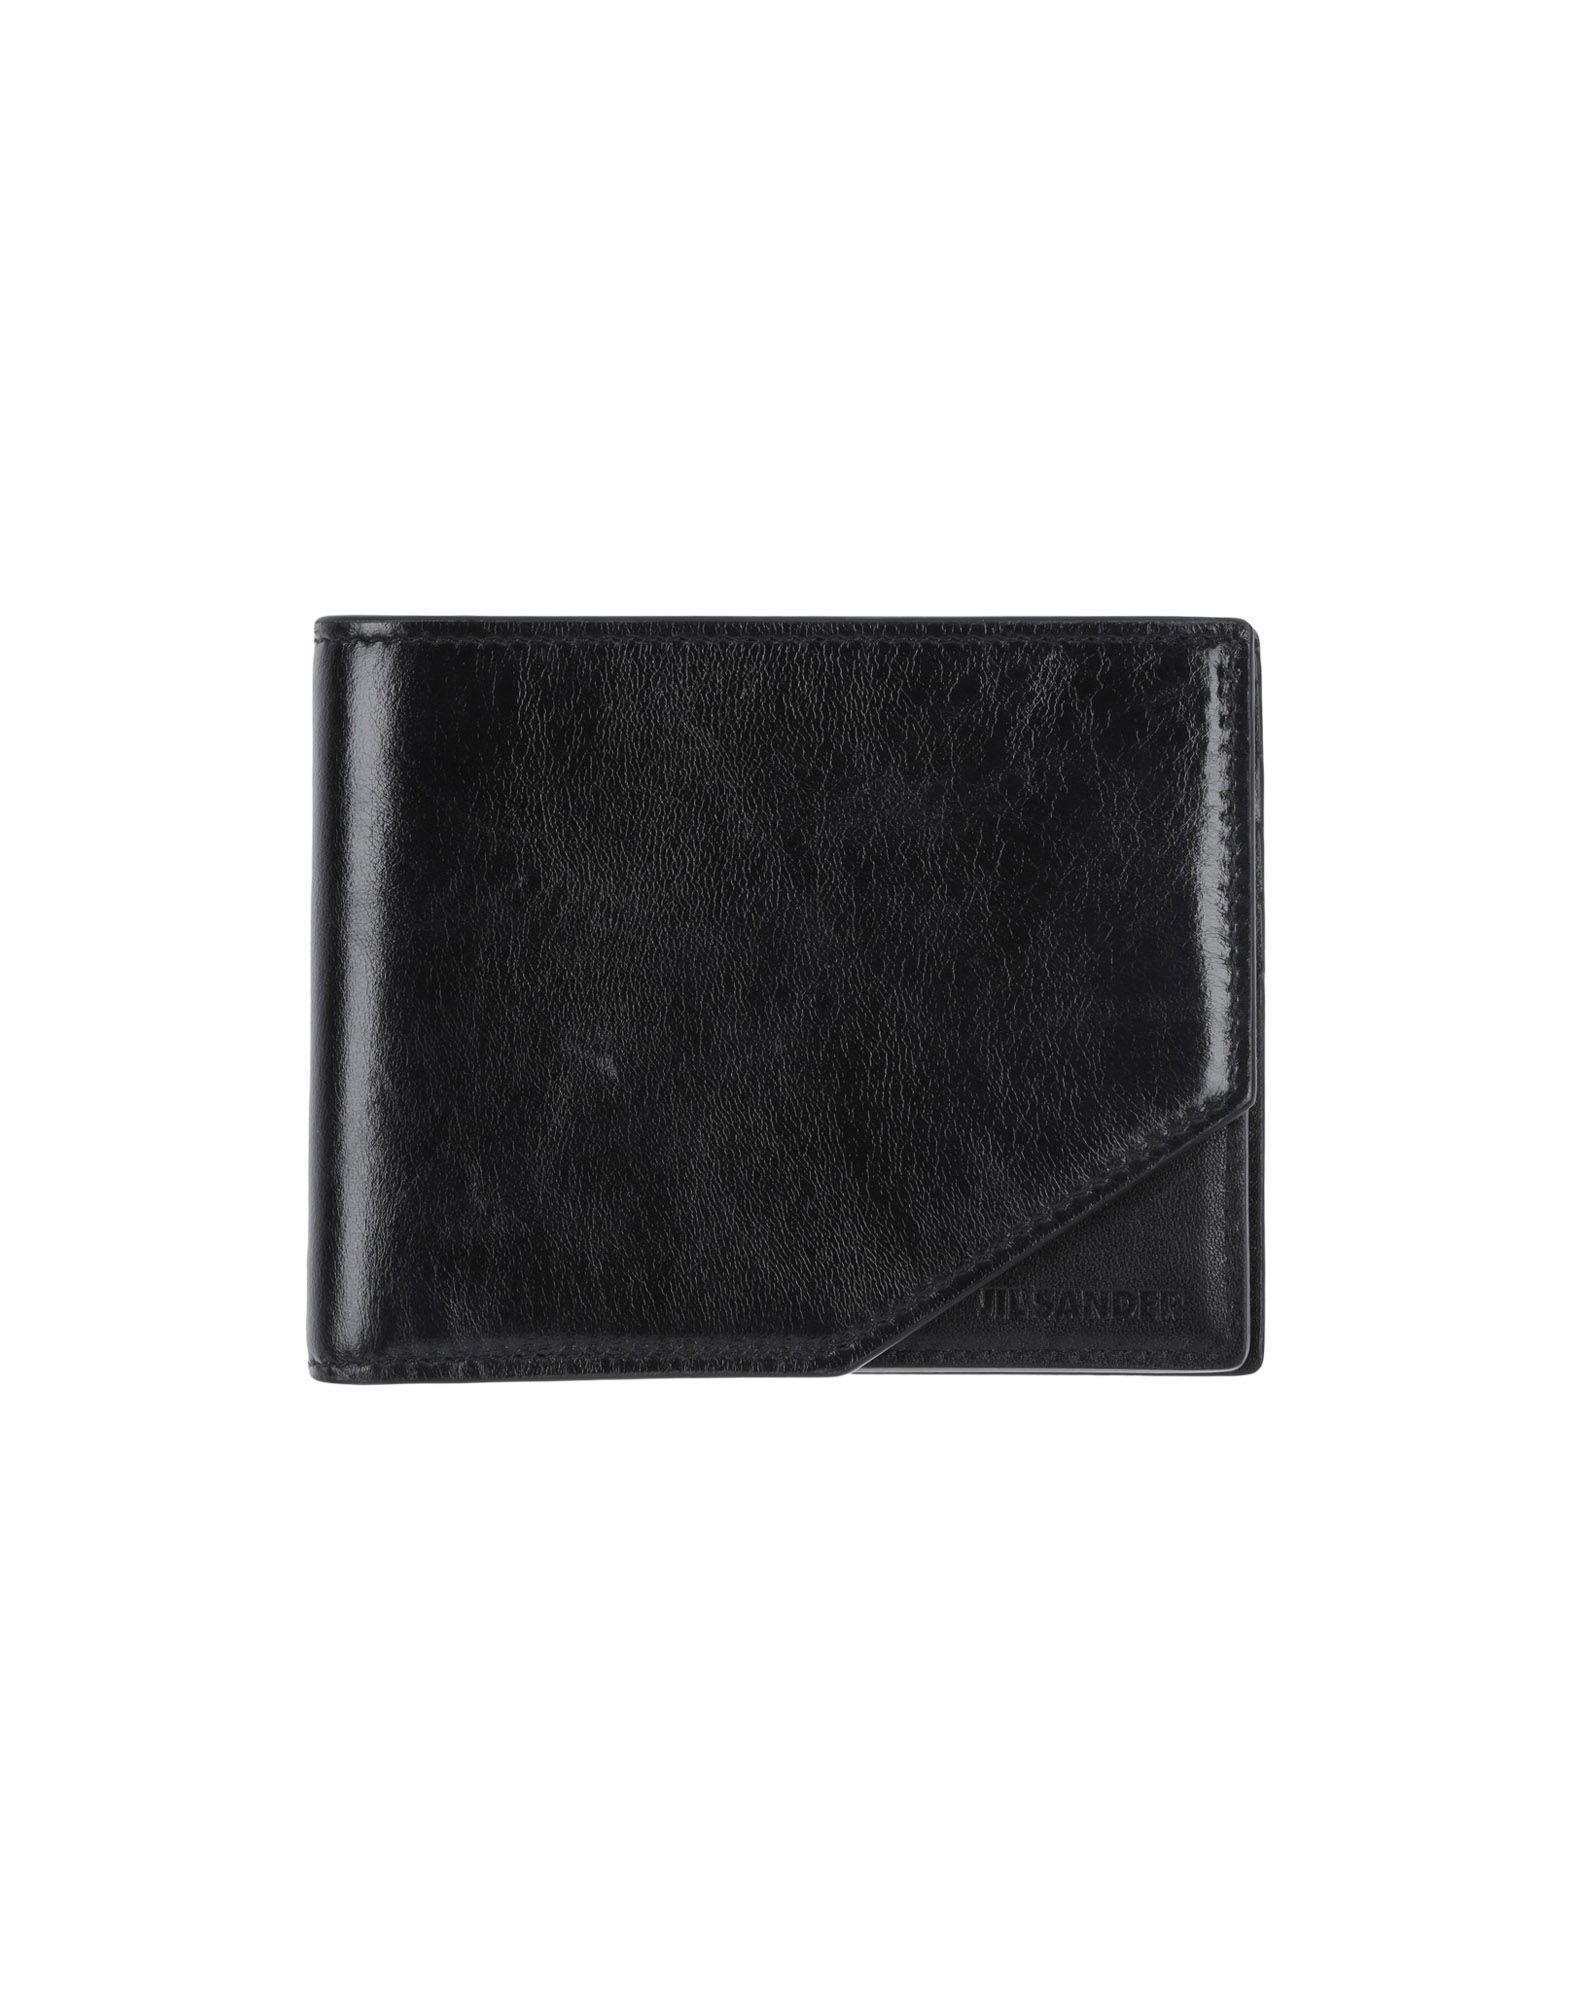 《送料無料》JIL SANDER メンズ 財布 ブラック 革